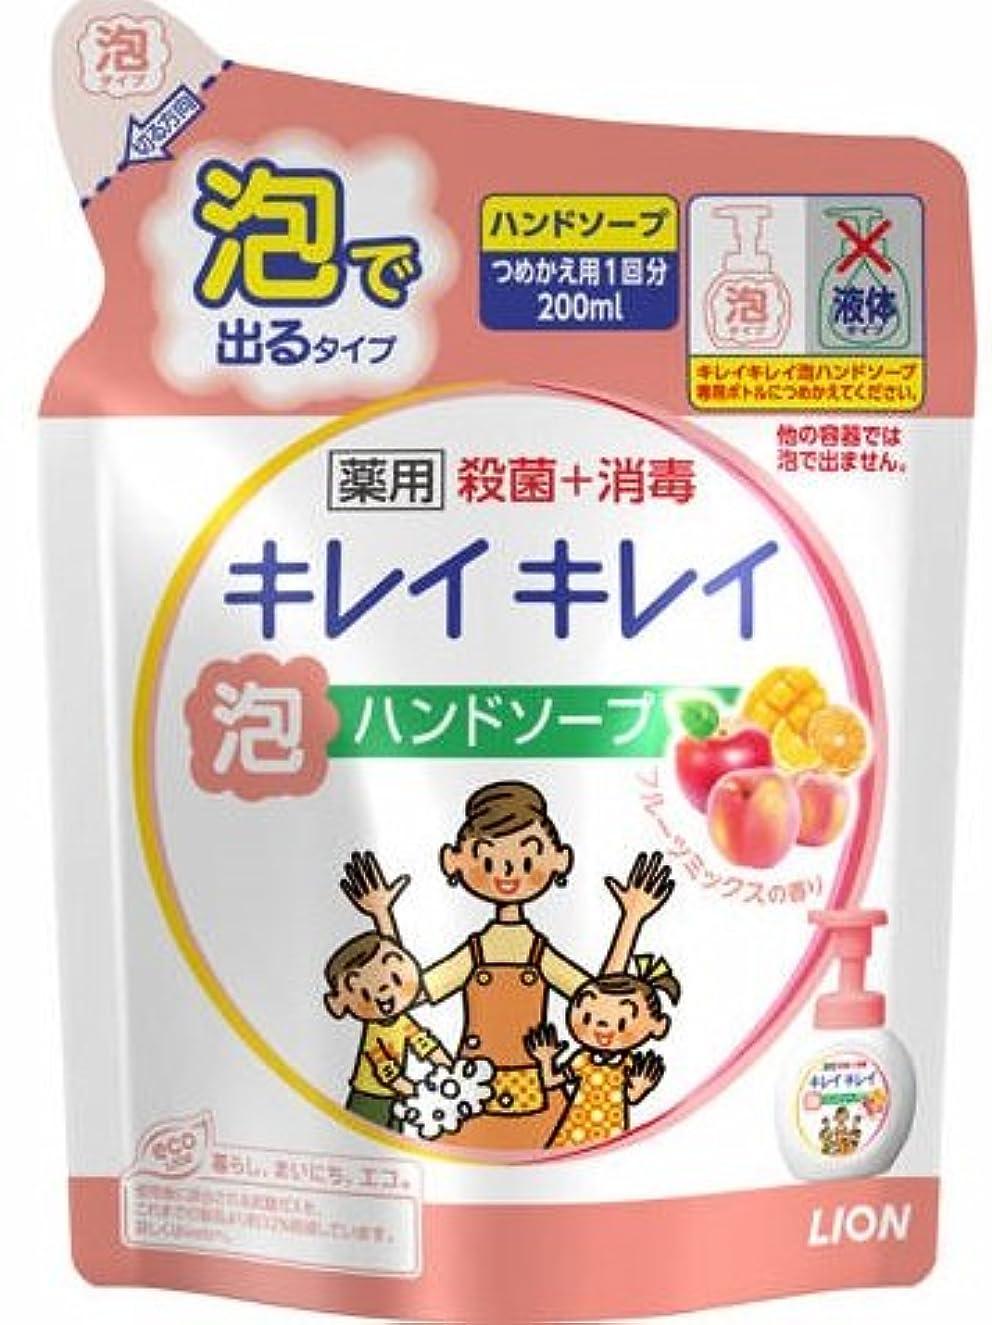 ごみ感度ねじれキレイキレイ 薬用泡ハンドソープ フルーツミックスの香り つめかえ用 通常サイズ 200ml ×10個セット